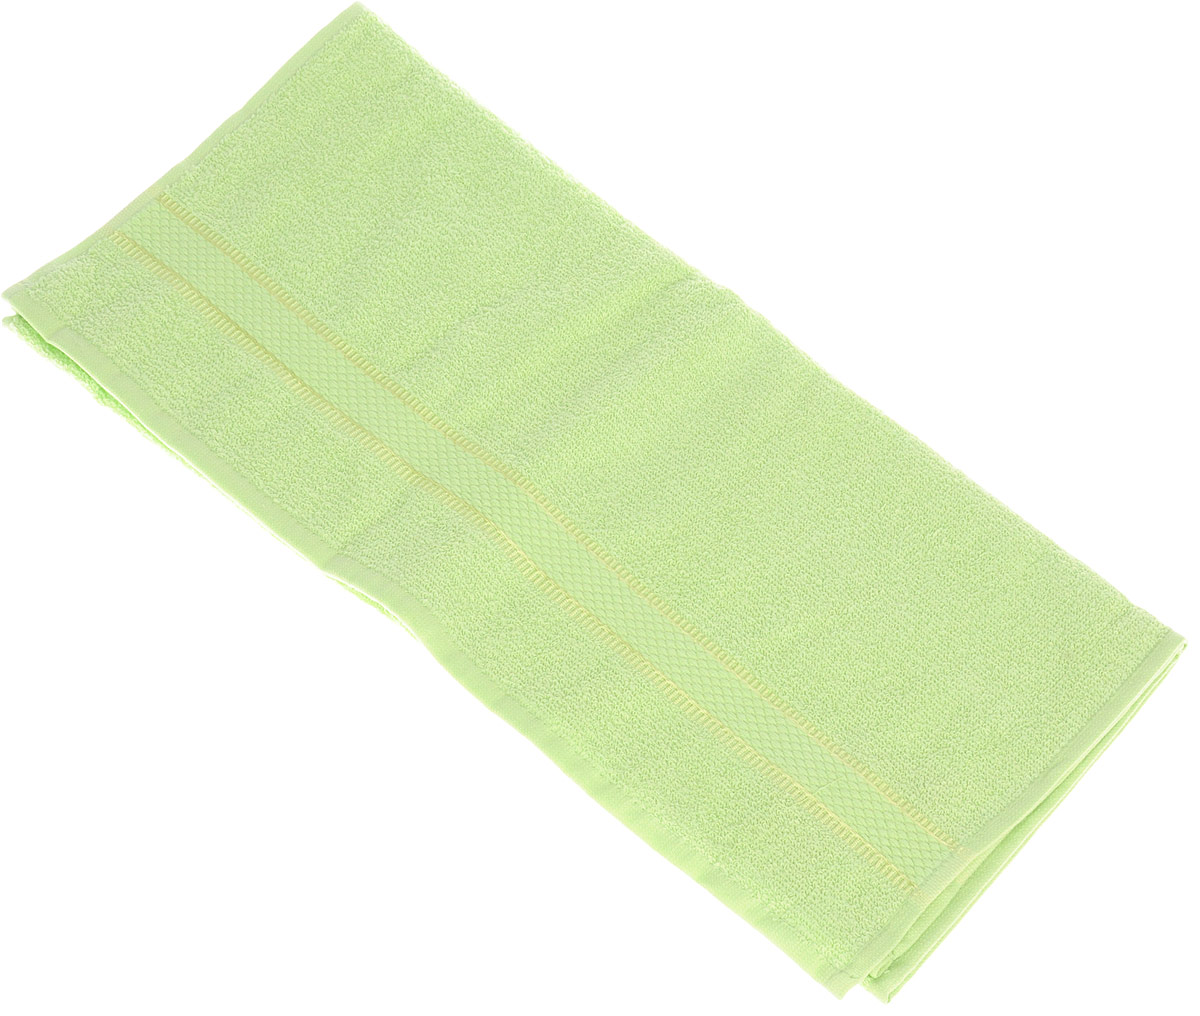 Полотенце Brielle Basic, цвет: зеленый, 50 х 85 см391602Полотенце Brielle Basic выполнено из 100% хлопка. Изделие очень мягкое, оно отлично впитывает влагу, быстро сохнет, сохраняет яркость цвета и не теряет формы даже после многократных стирок. Лаконичные бордюры подойдут для любого интерьера ванной комнаты. Полотенце прекрасно впитывает влагу и быстро сохнет. При соблюдении рекомендаций по уходу не линяет и не теряет форму даже после многократных стирок.Полотенце Brielle Basic очень практично и неприхотливо в уходе.Такое полотенце послужит приятным подарком.